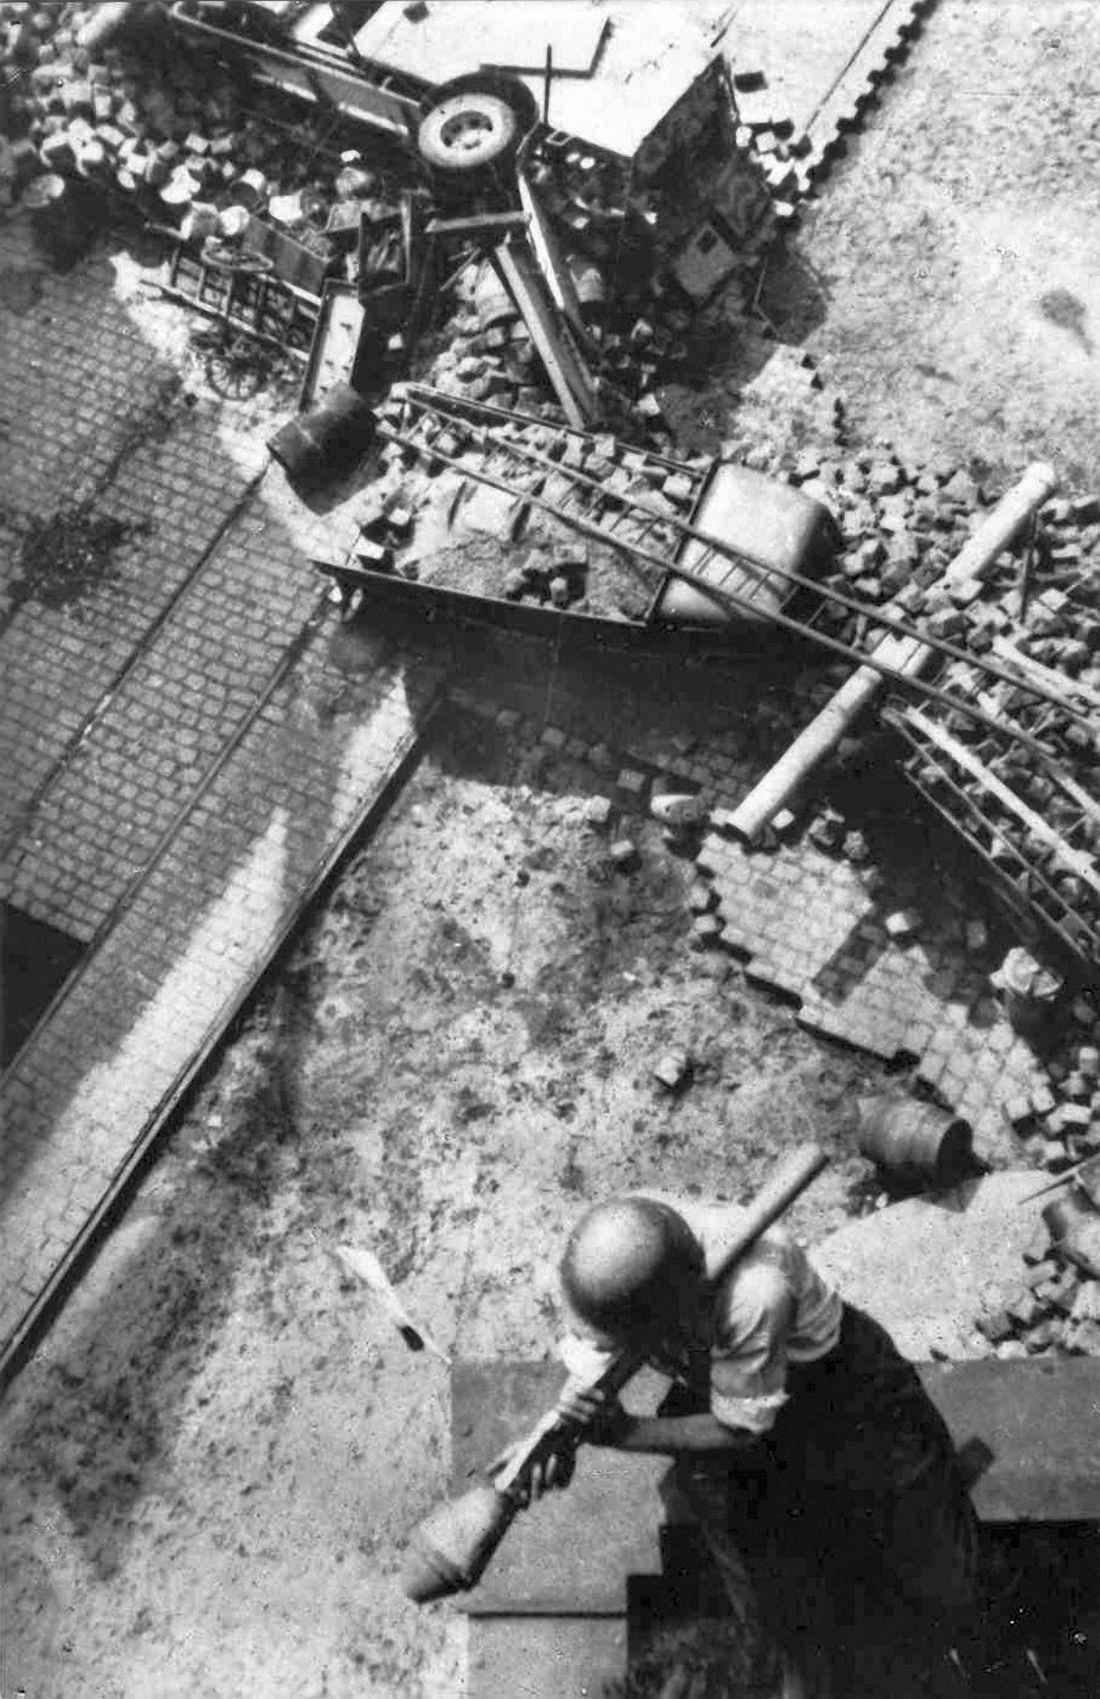 Повстанец с фаустпатроном на огневой позиции в Праге